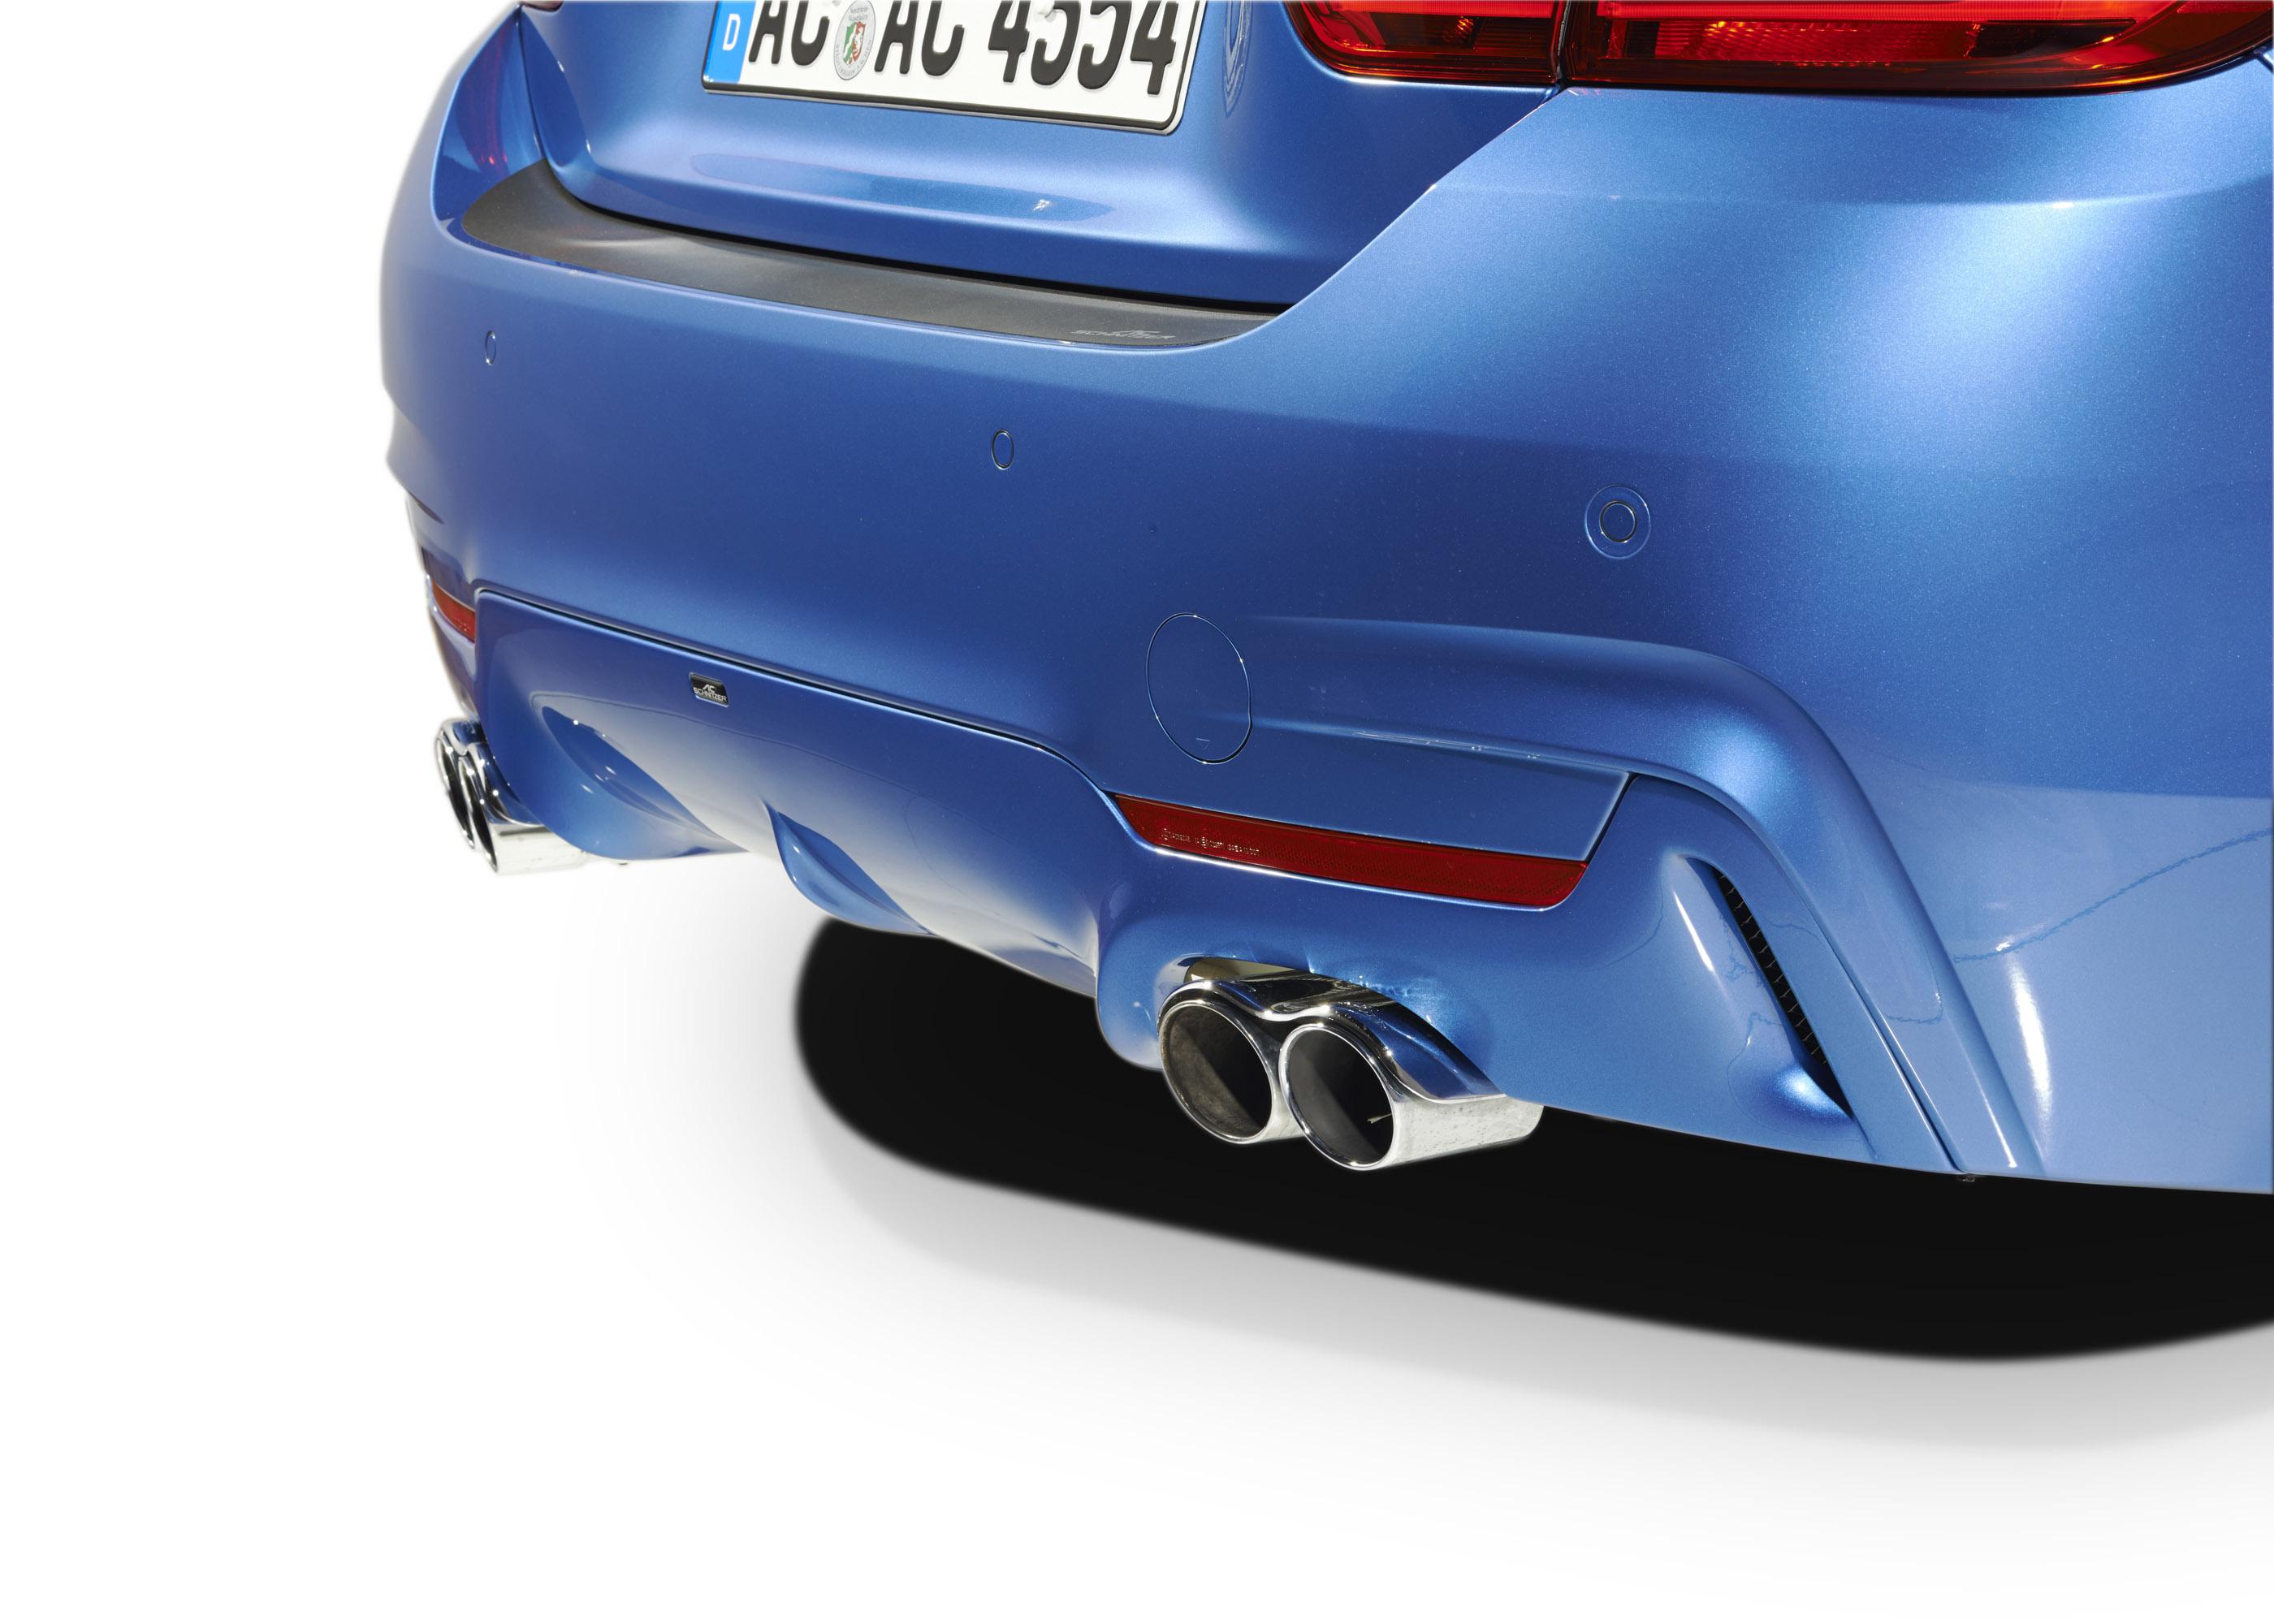 АС Шнитцер БМВ 4-серии Гран купе-идеальное сочетание функциональности и комфорта  - фотография №15